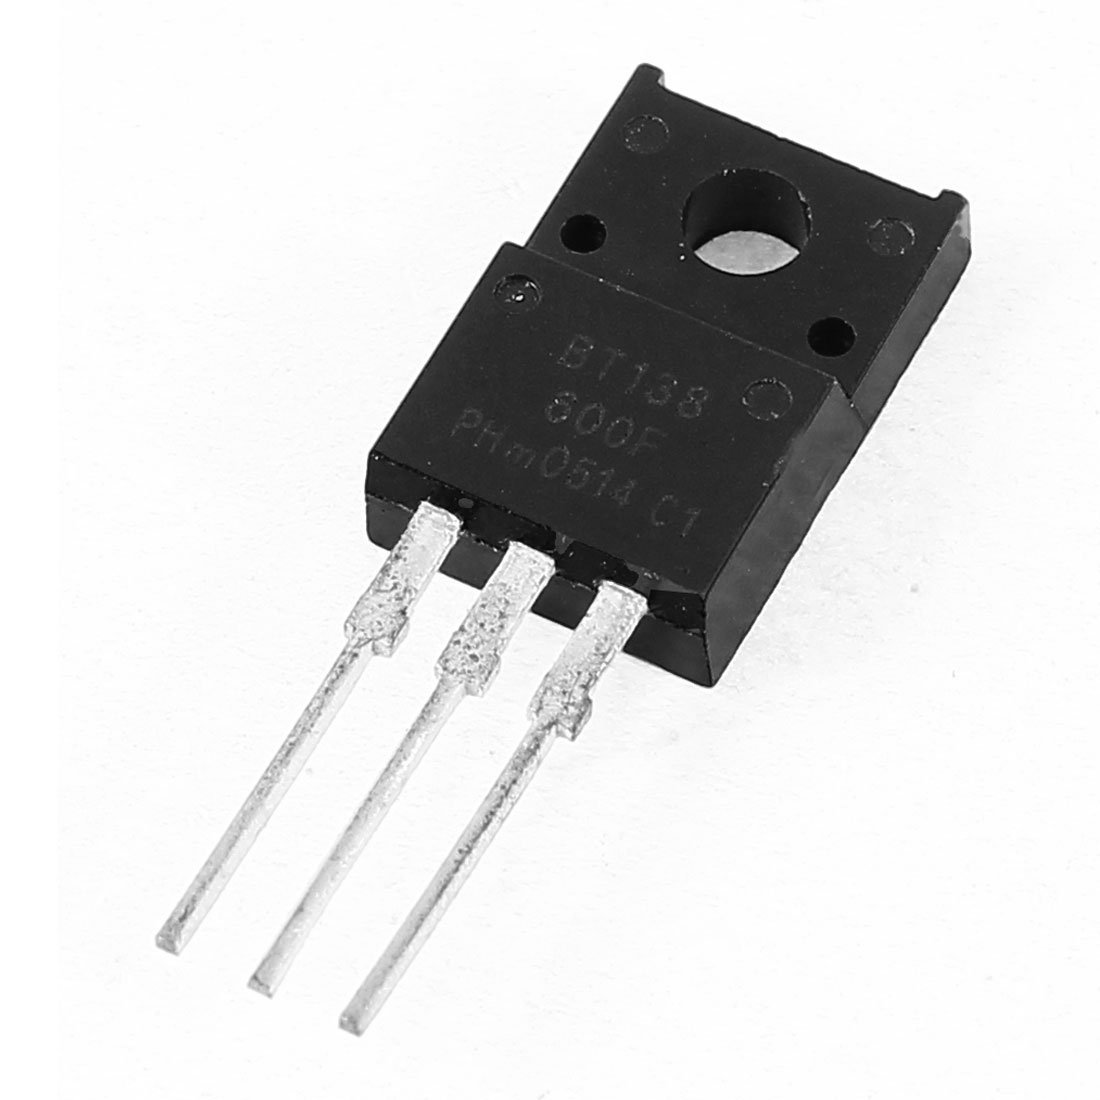 600V 12A High Voltage 3 Pin NPN de transistor de puissance BT138-600F